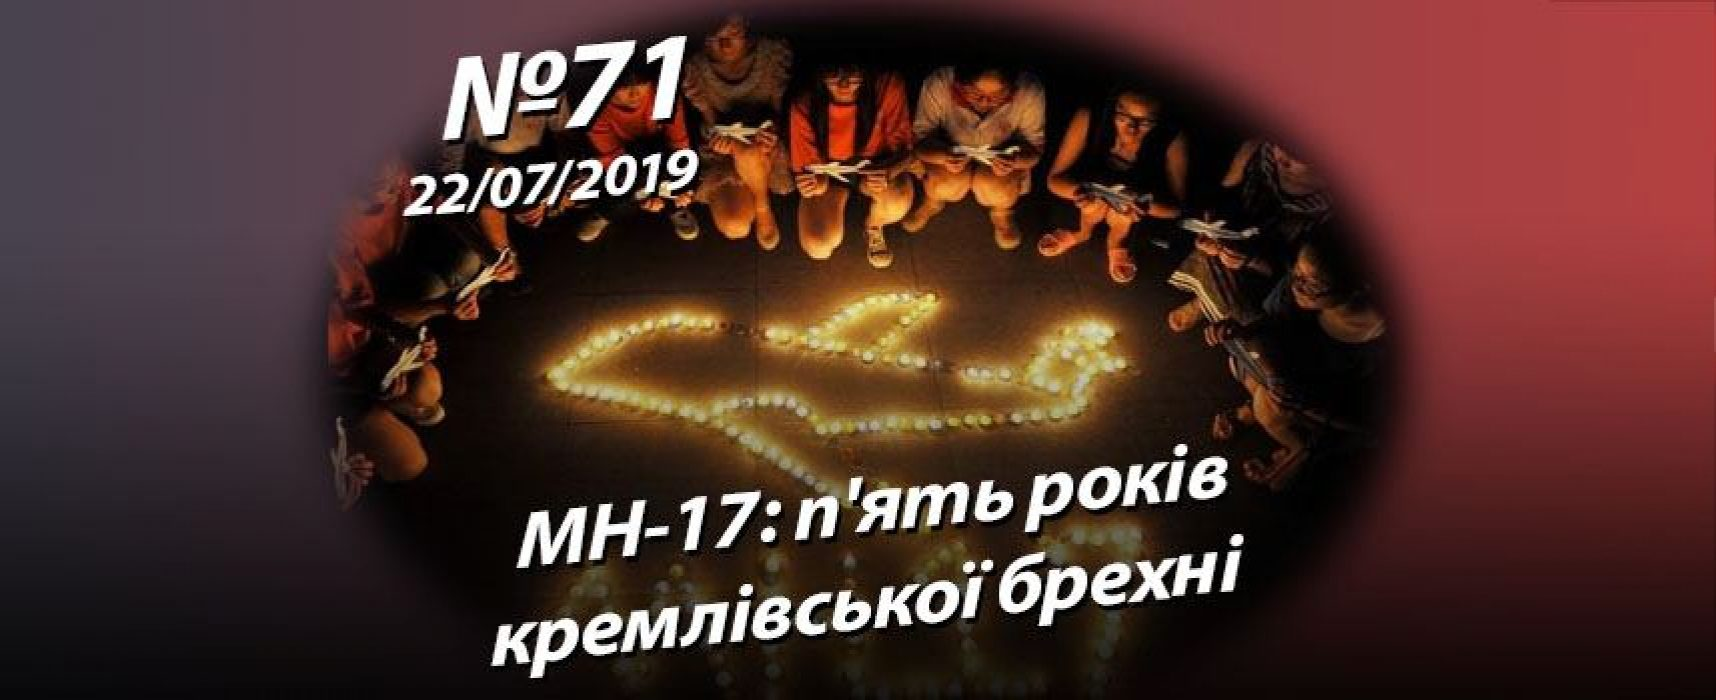 MH-17: п'ять років кремлівської брехні – StopFake.org